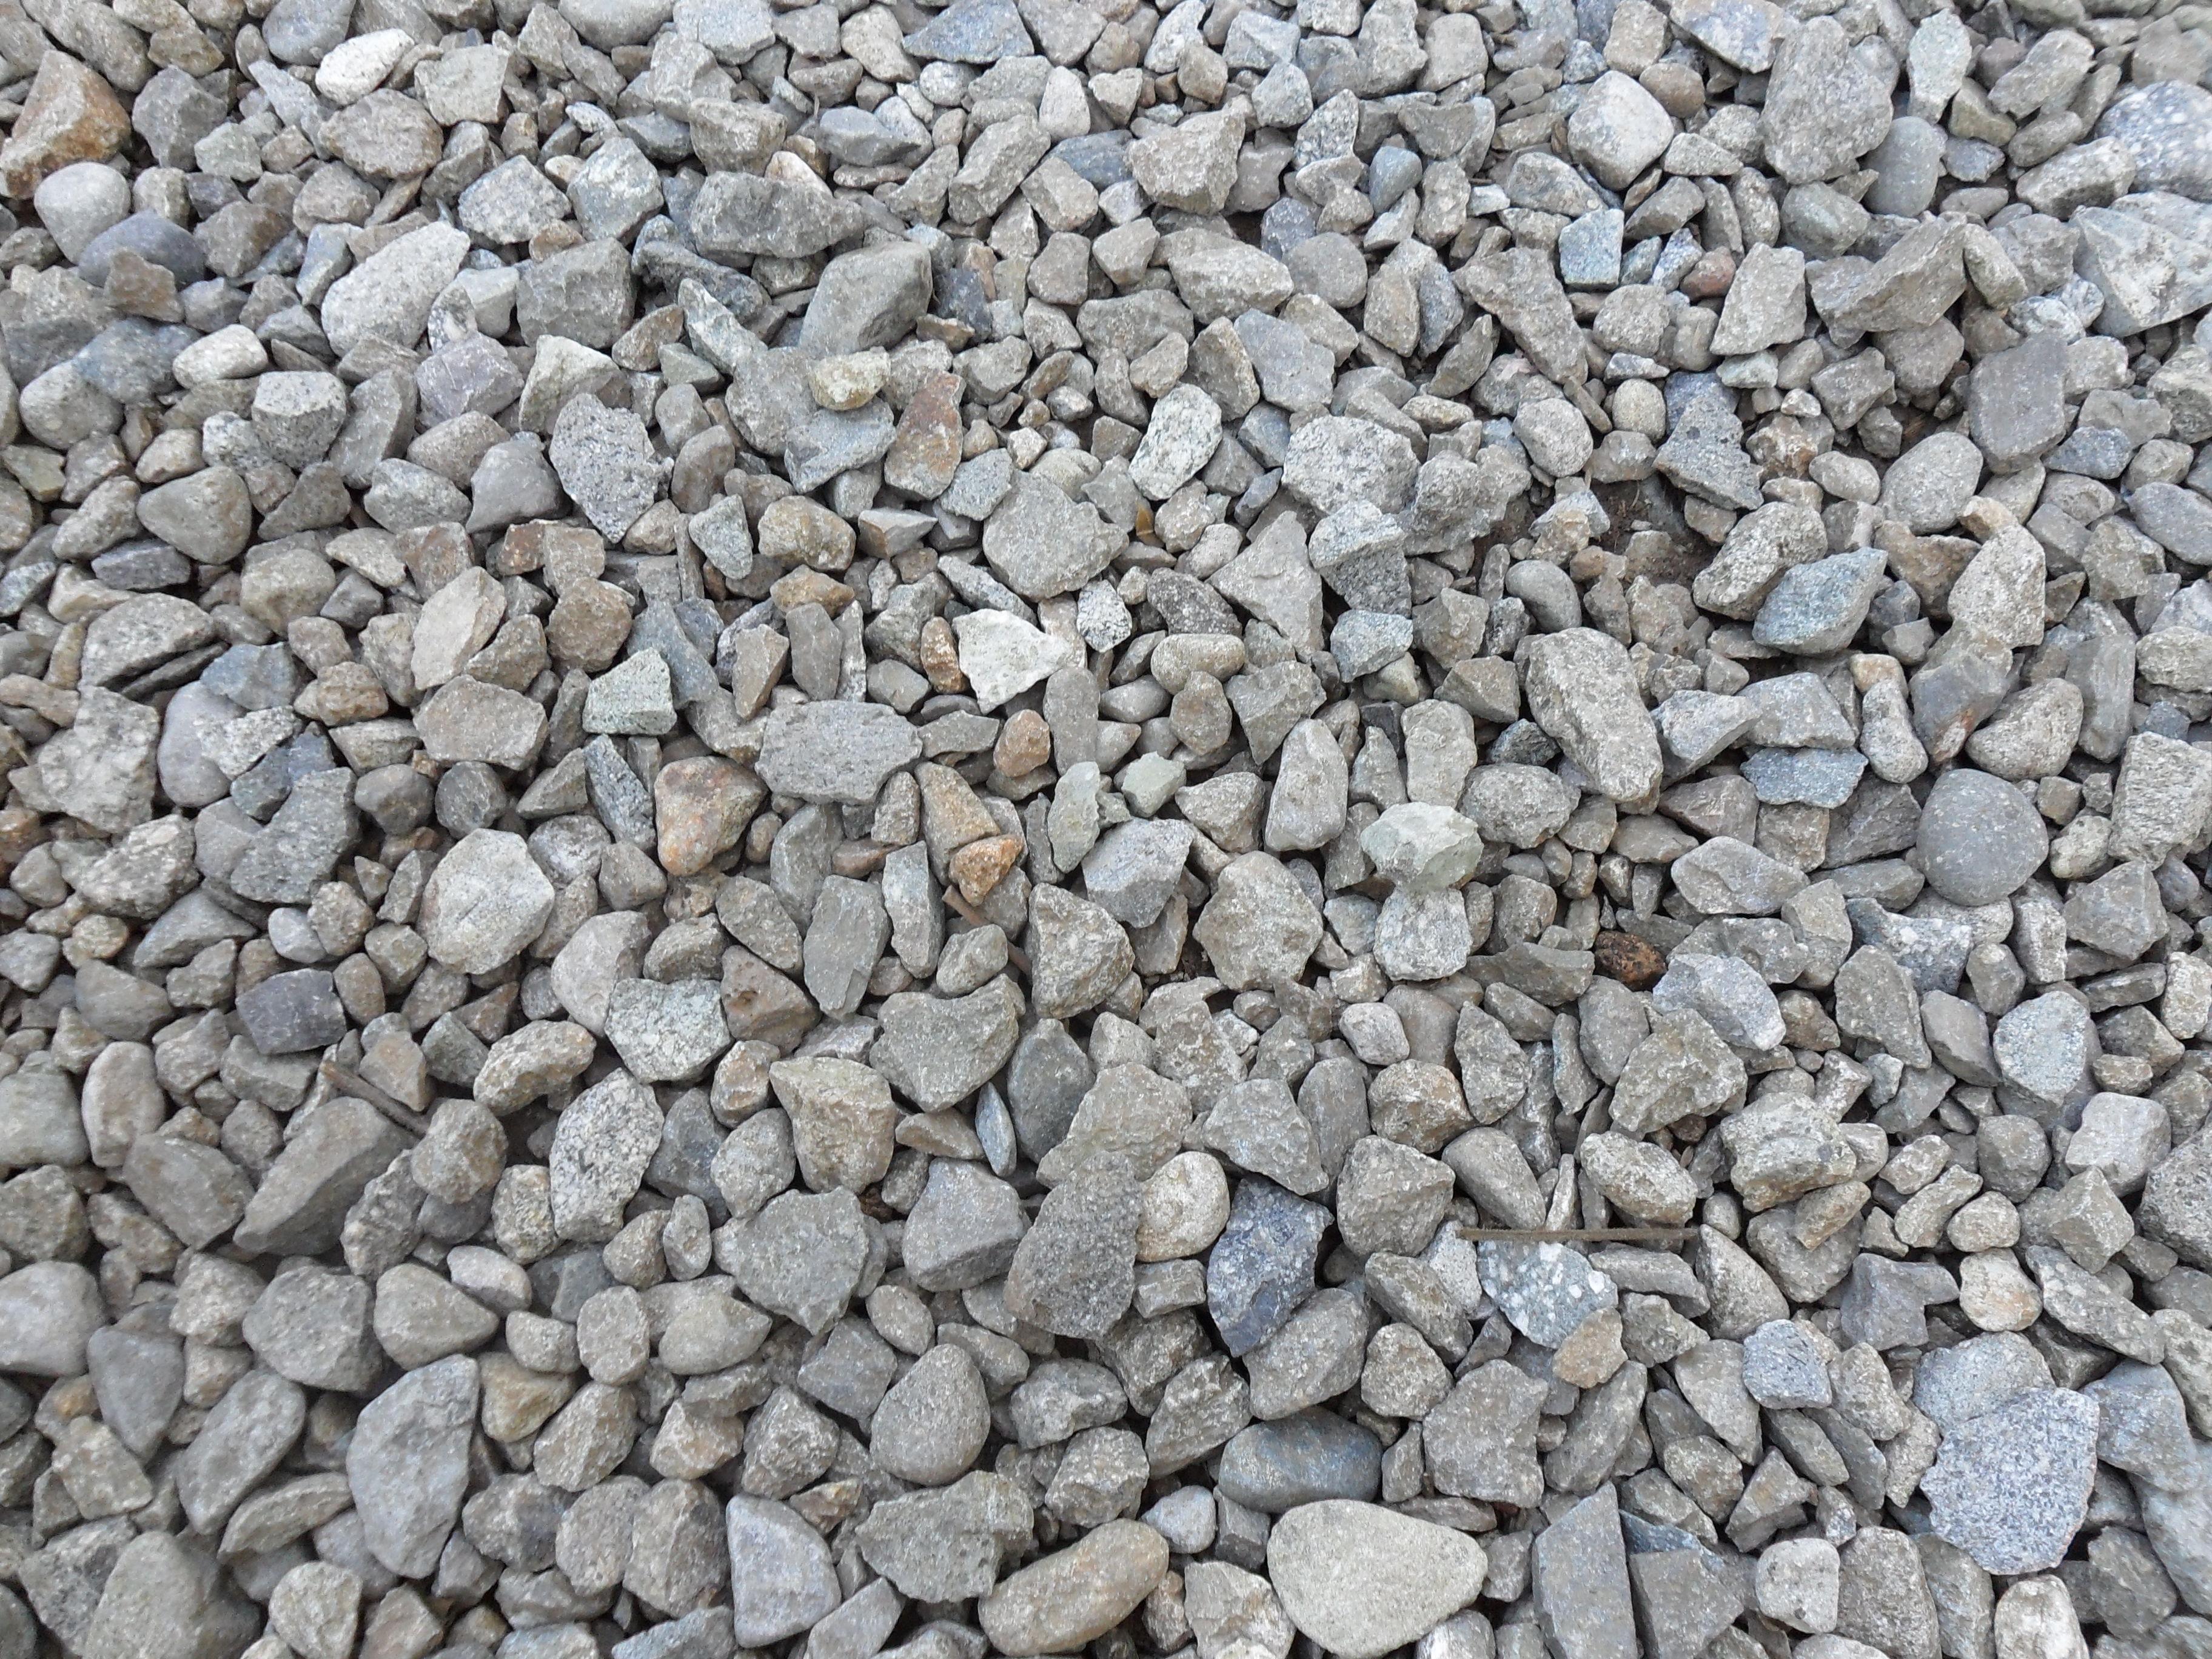 Images gratuites roche asphalte construction caillou sol mur de pierre mat riel des - Mur en cailloux ...